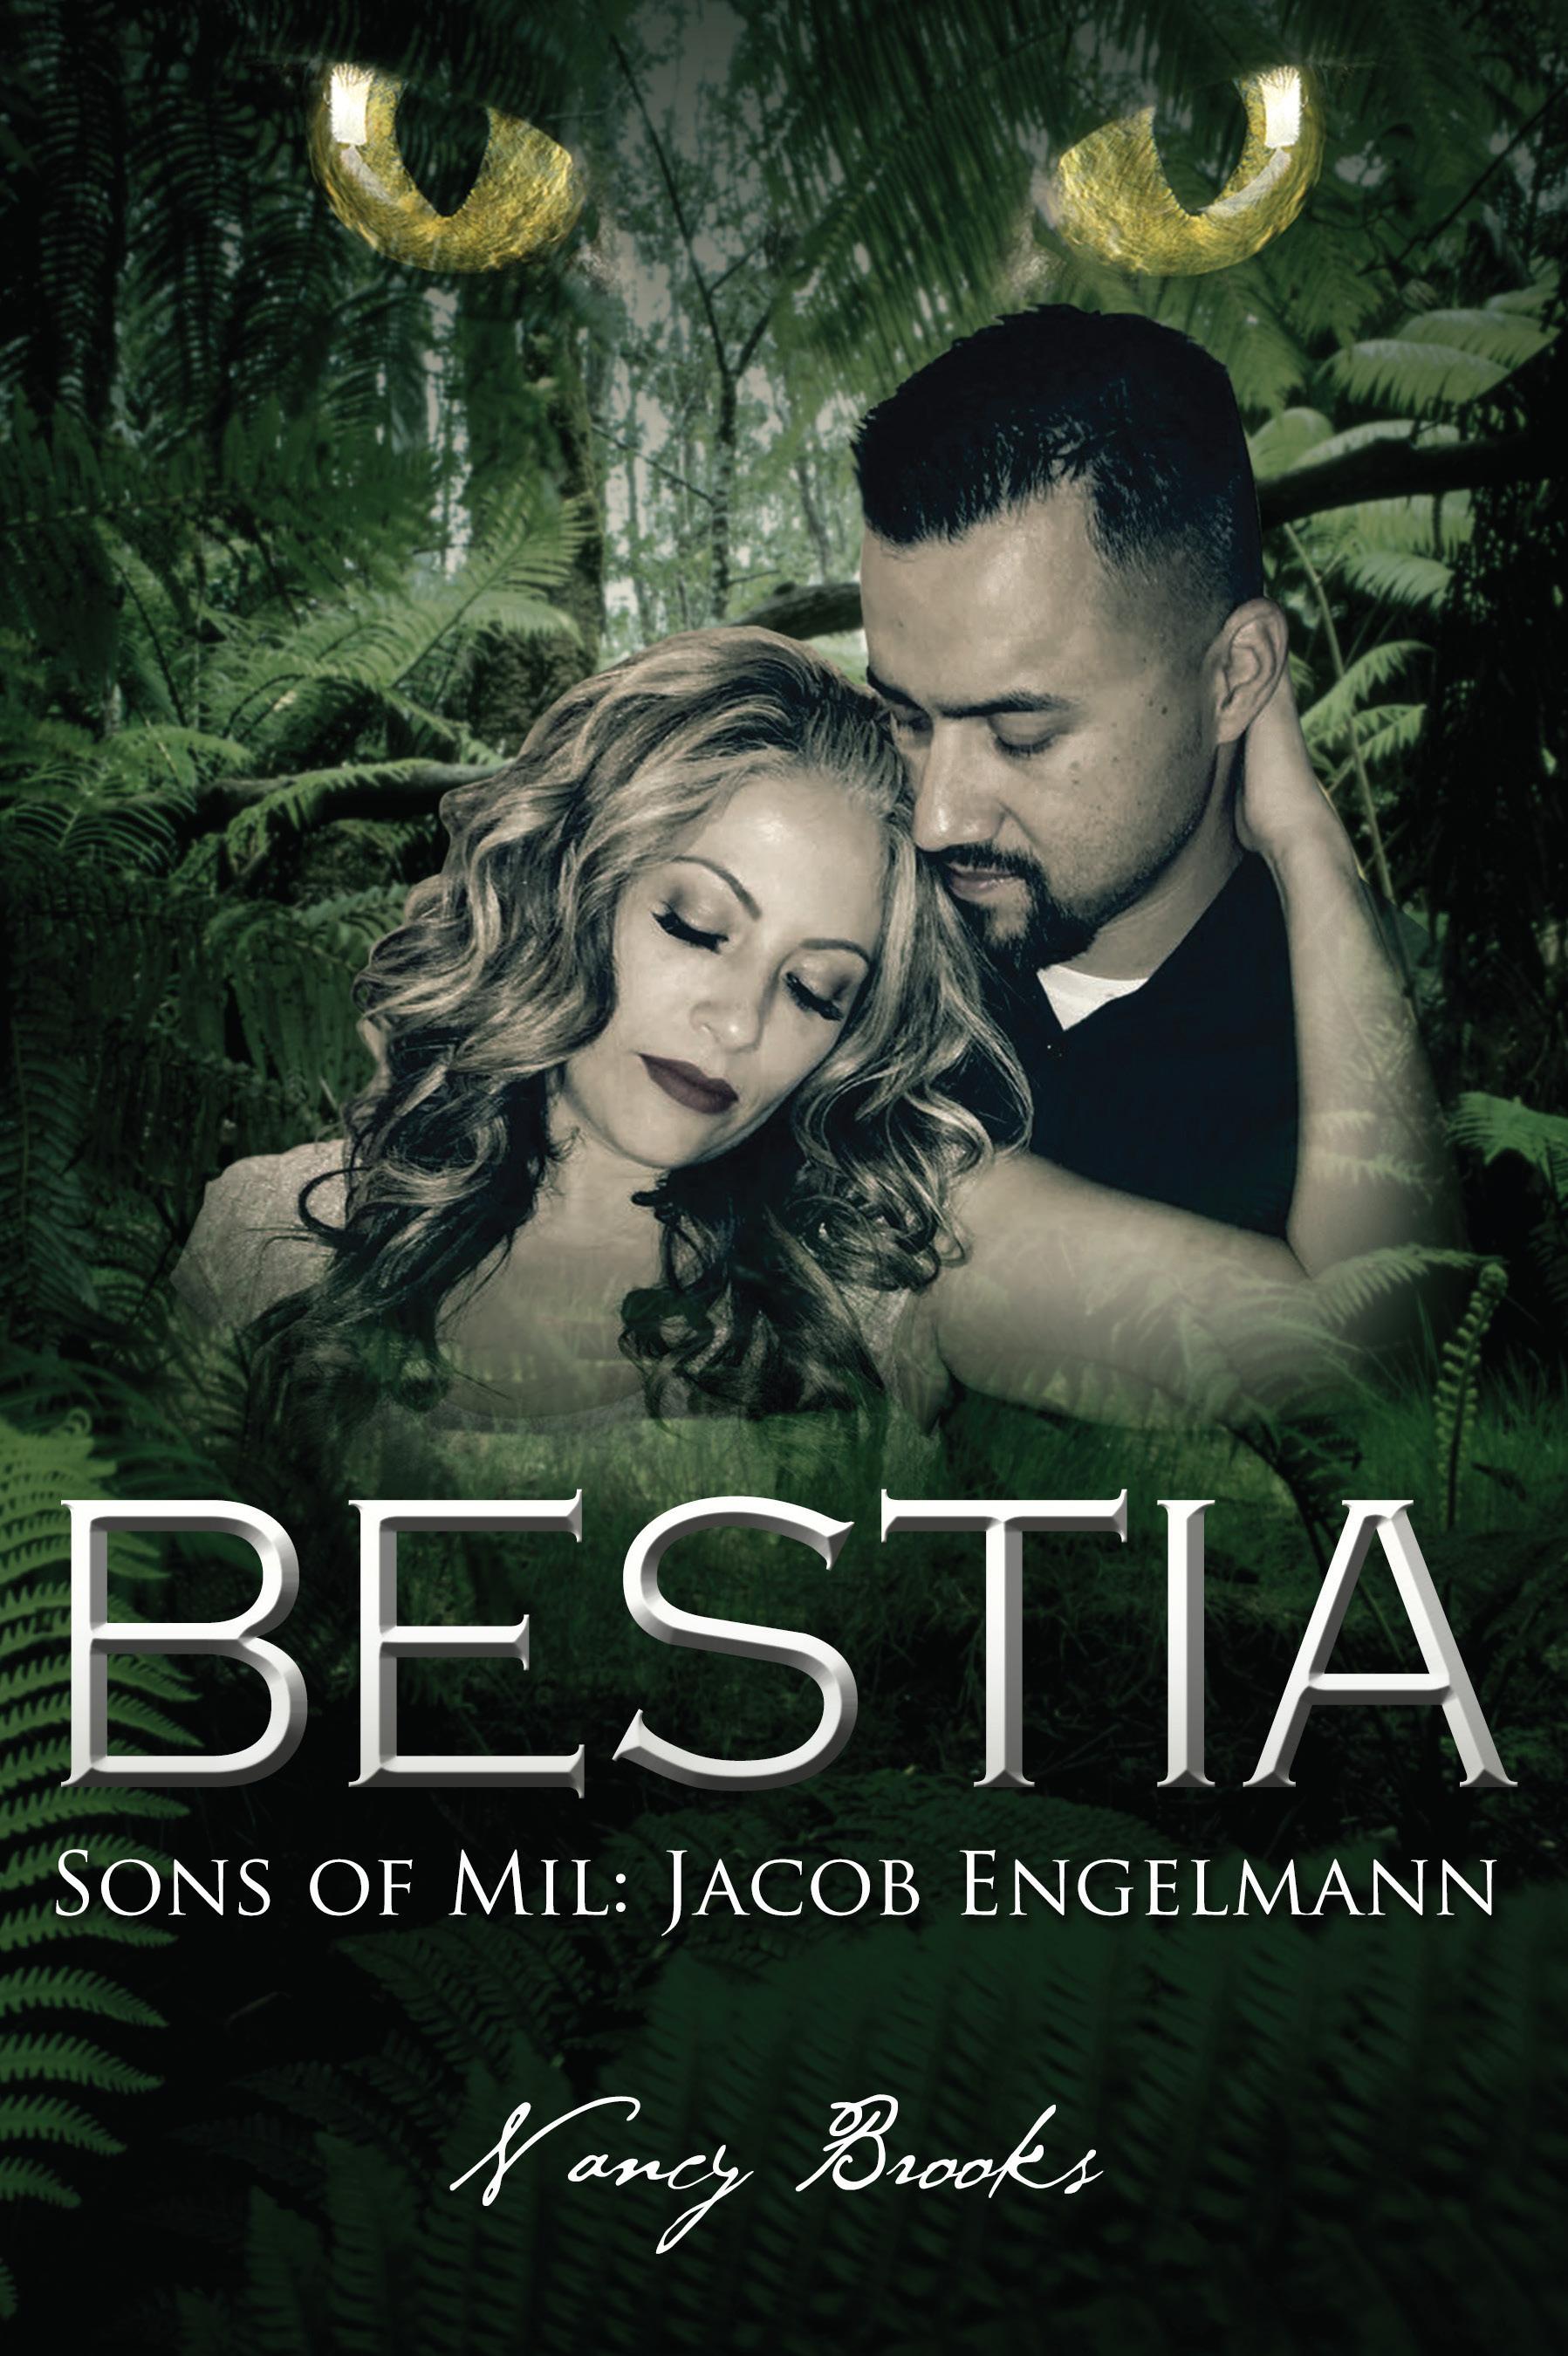 Bestia cover